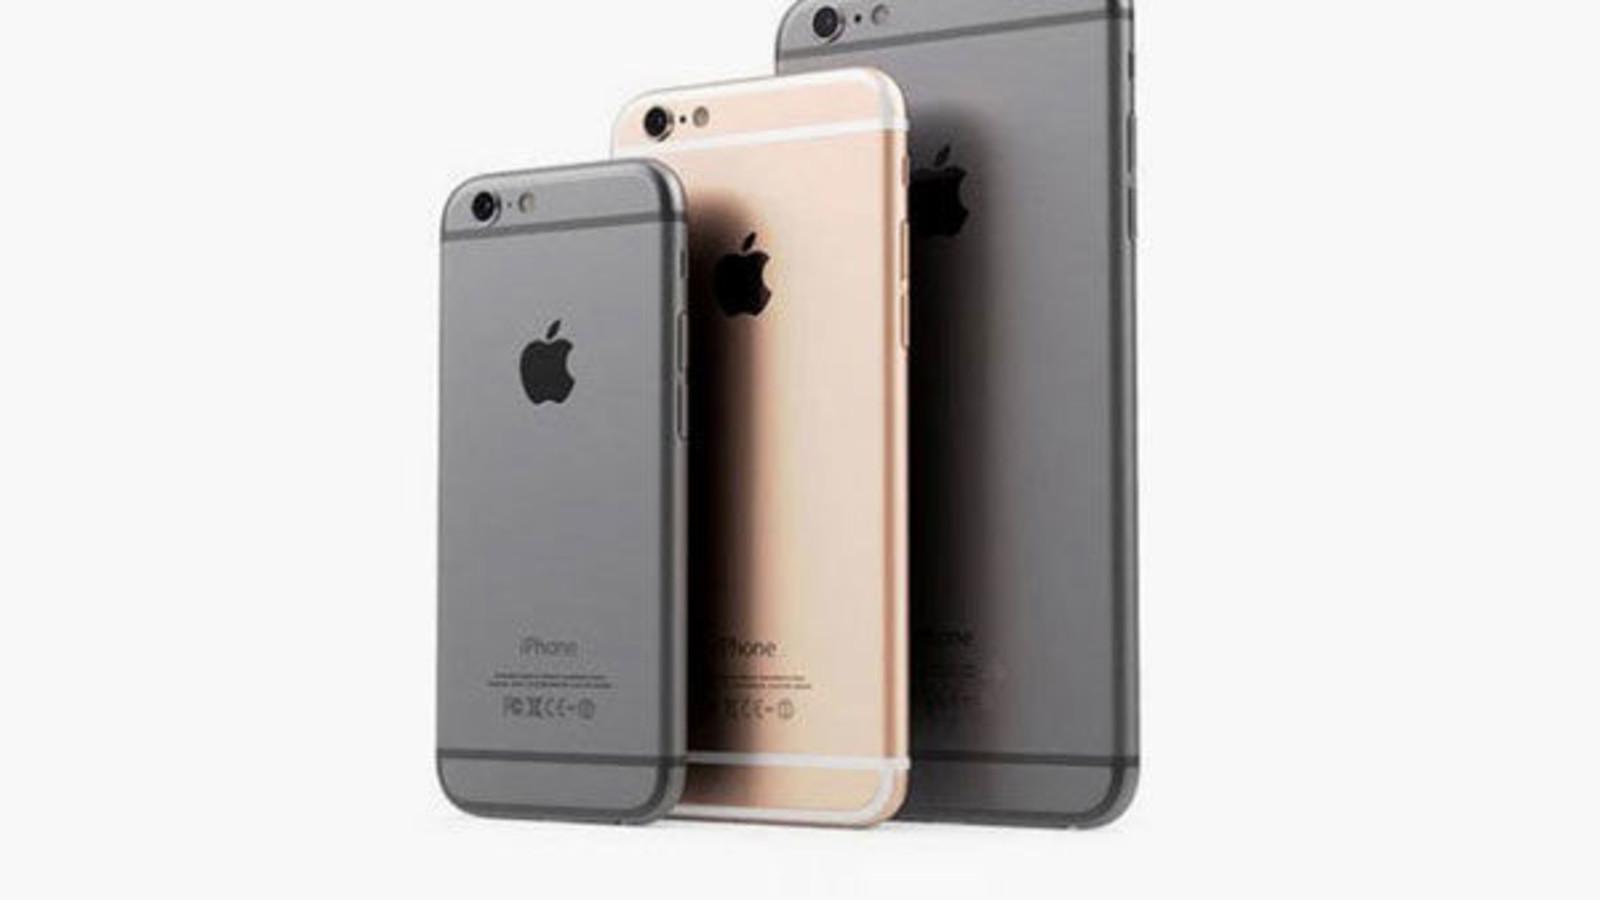 Kommt das neue iPhone 5SE am 21. März?